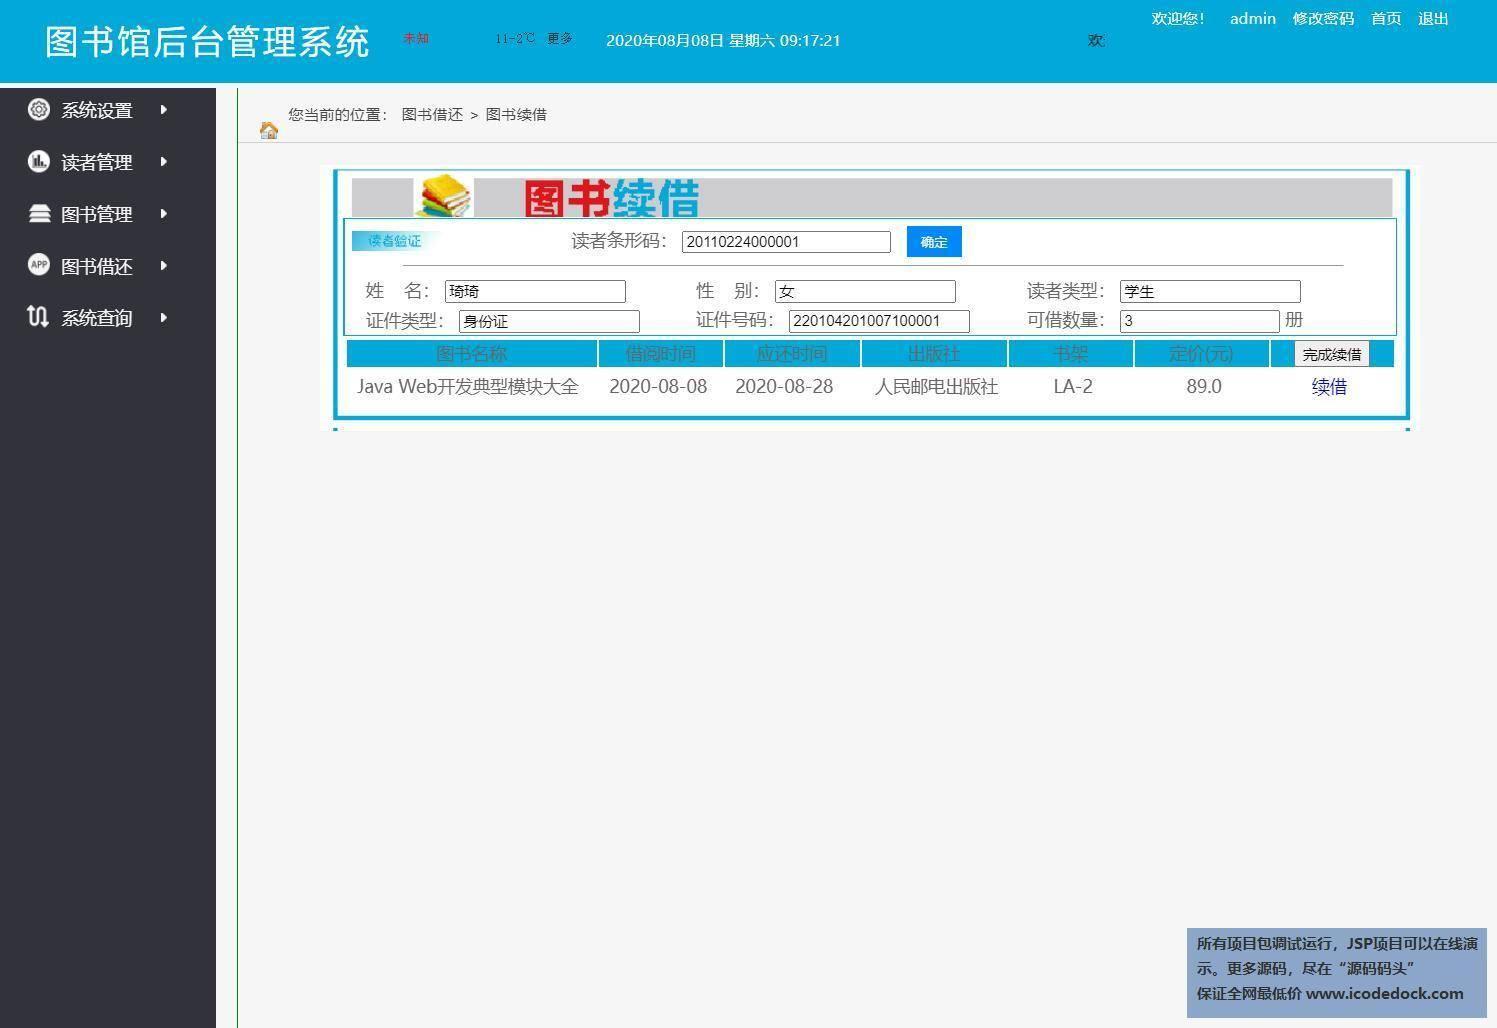 源码码头-JSP实现的图书管理系统-管理员角色-图书续借